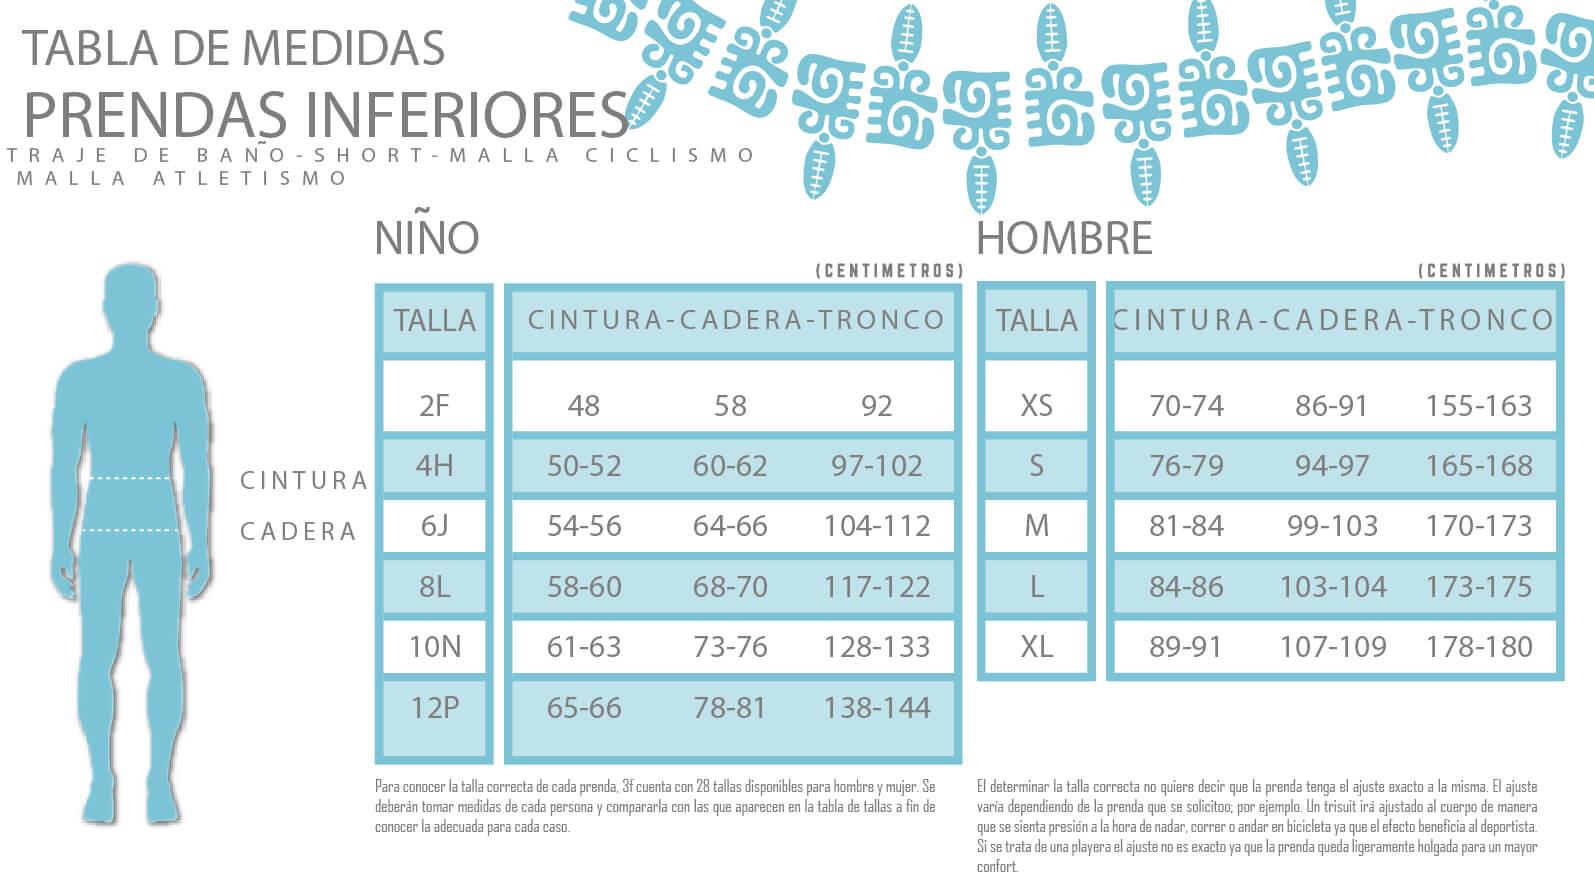 PRENDAS INFERIORES NIÑO/HOMBRE